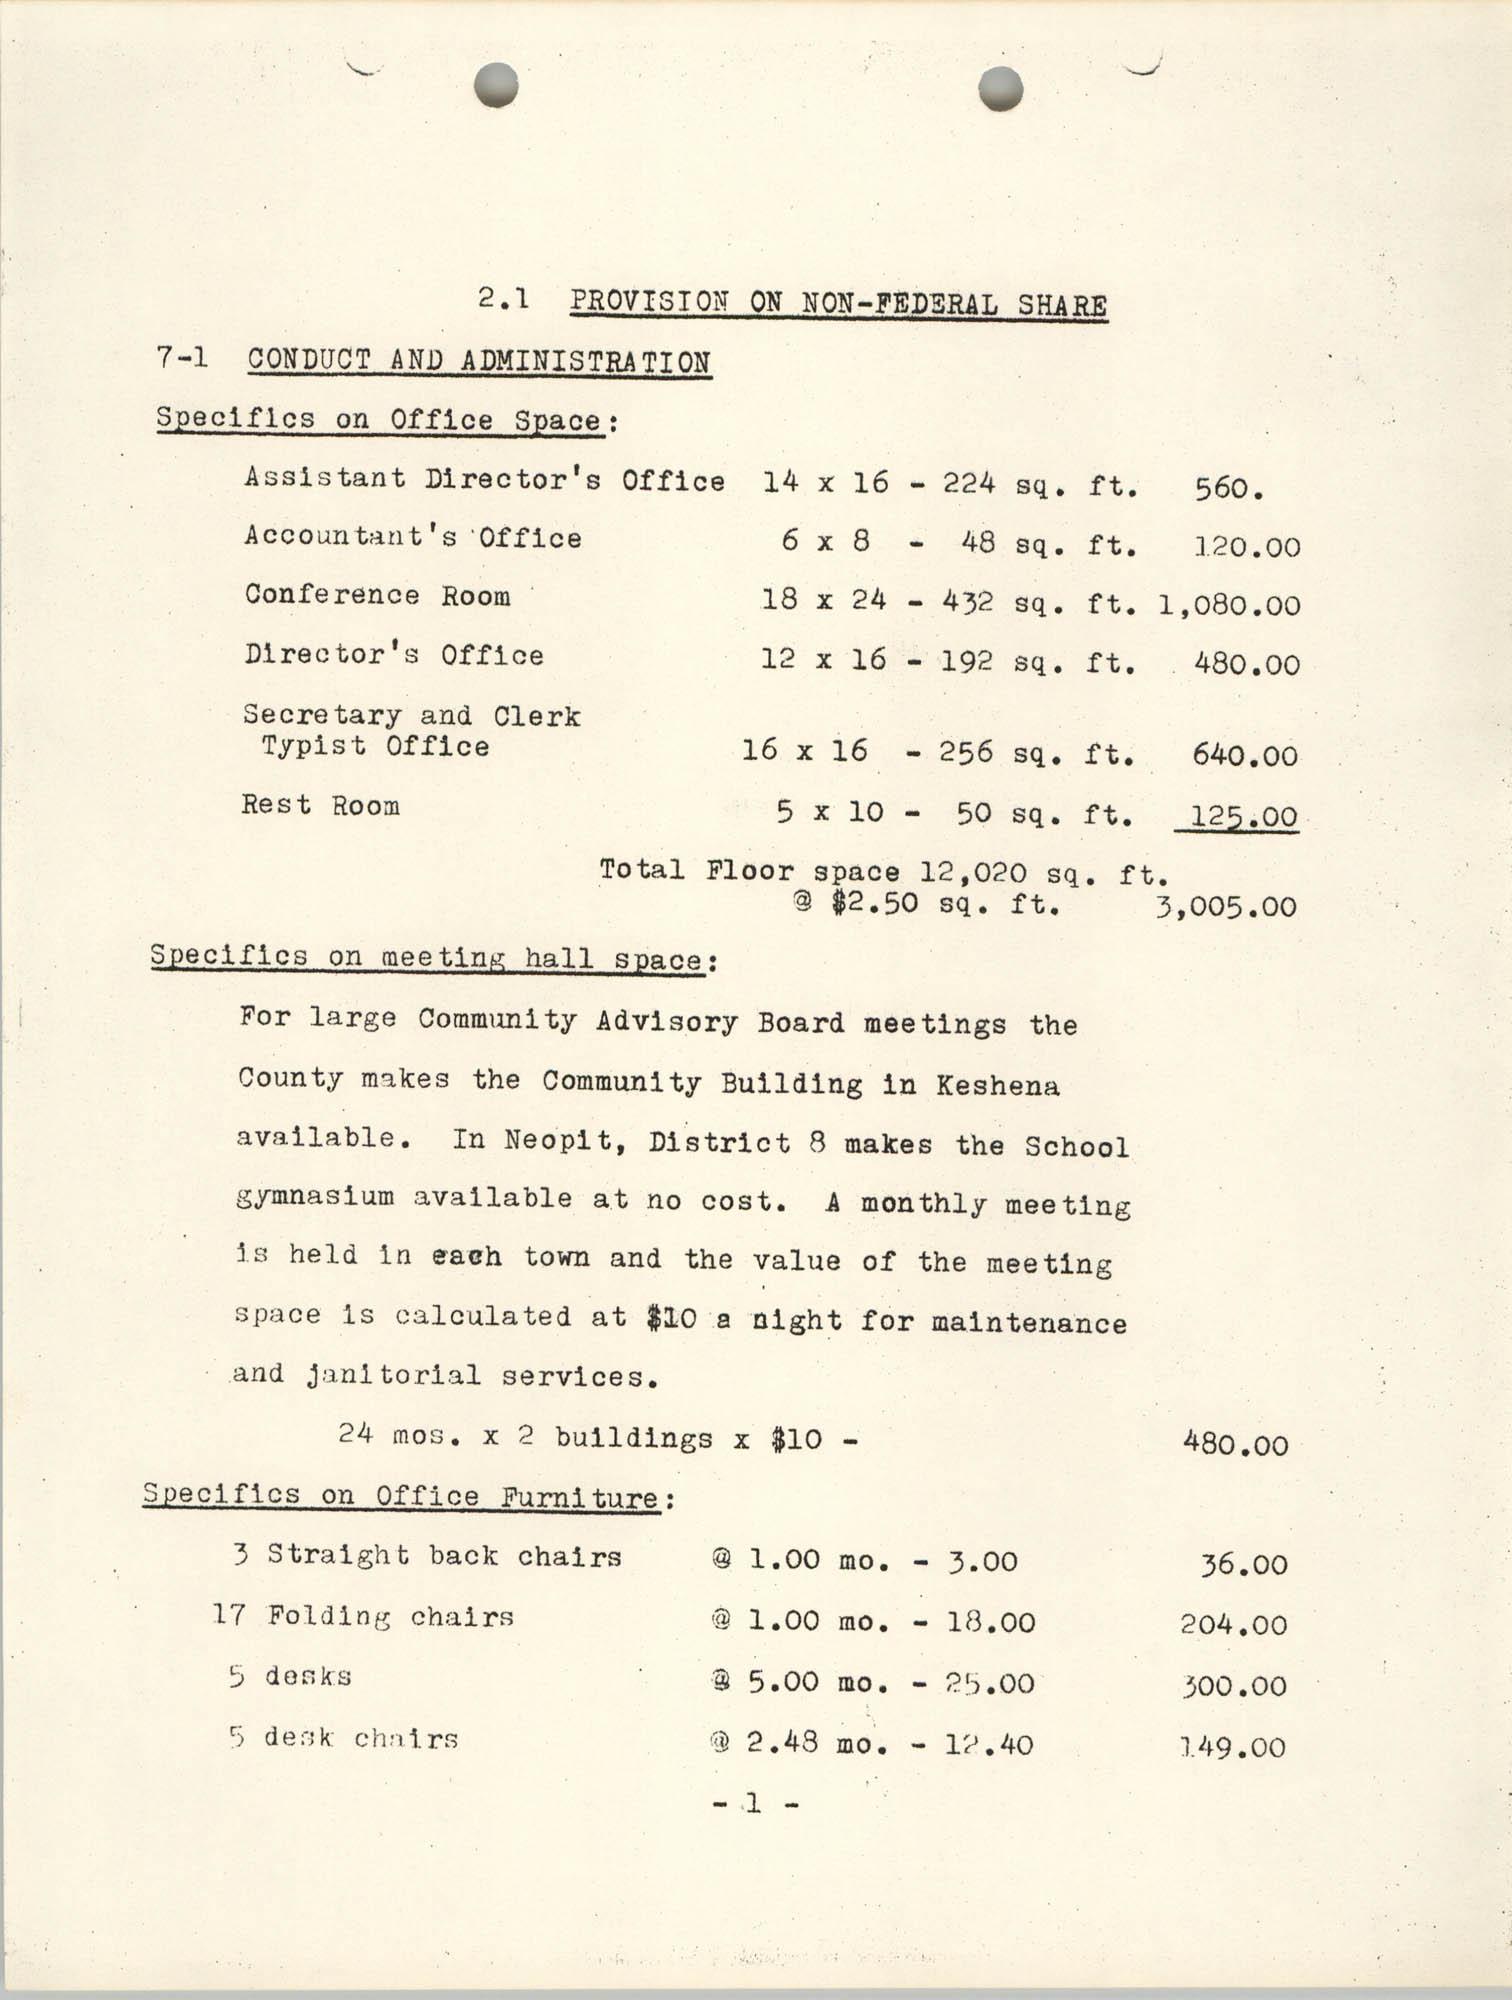 CAP Grant Materials, CAP 2 Program Characteristics, Page 2